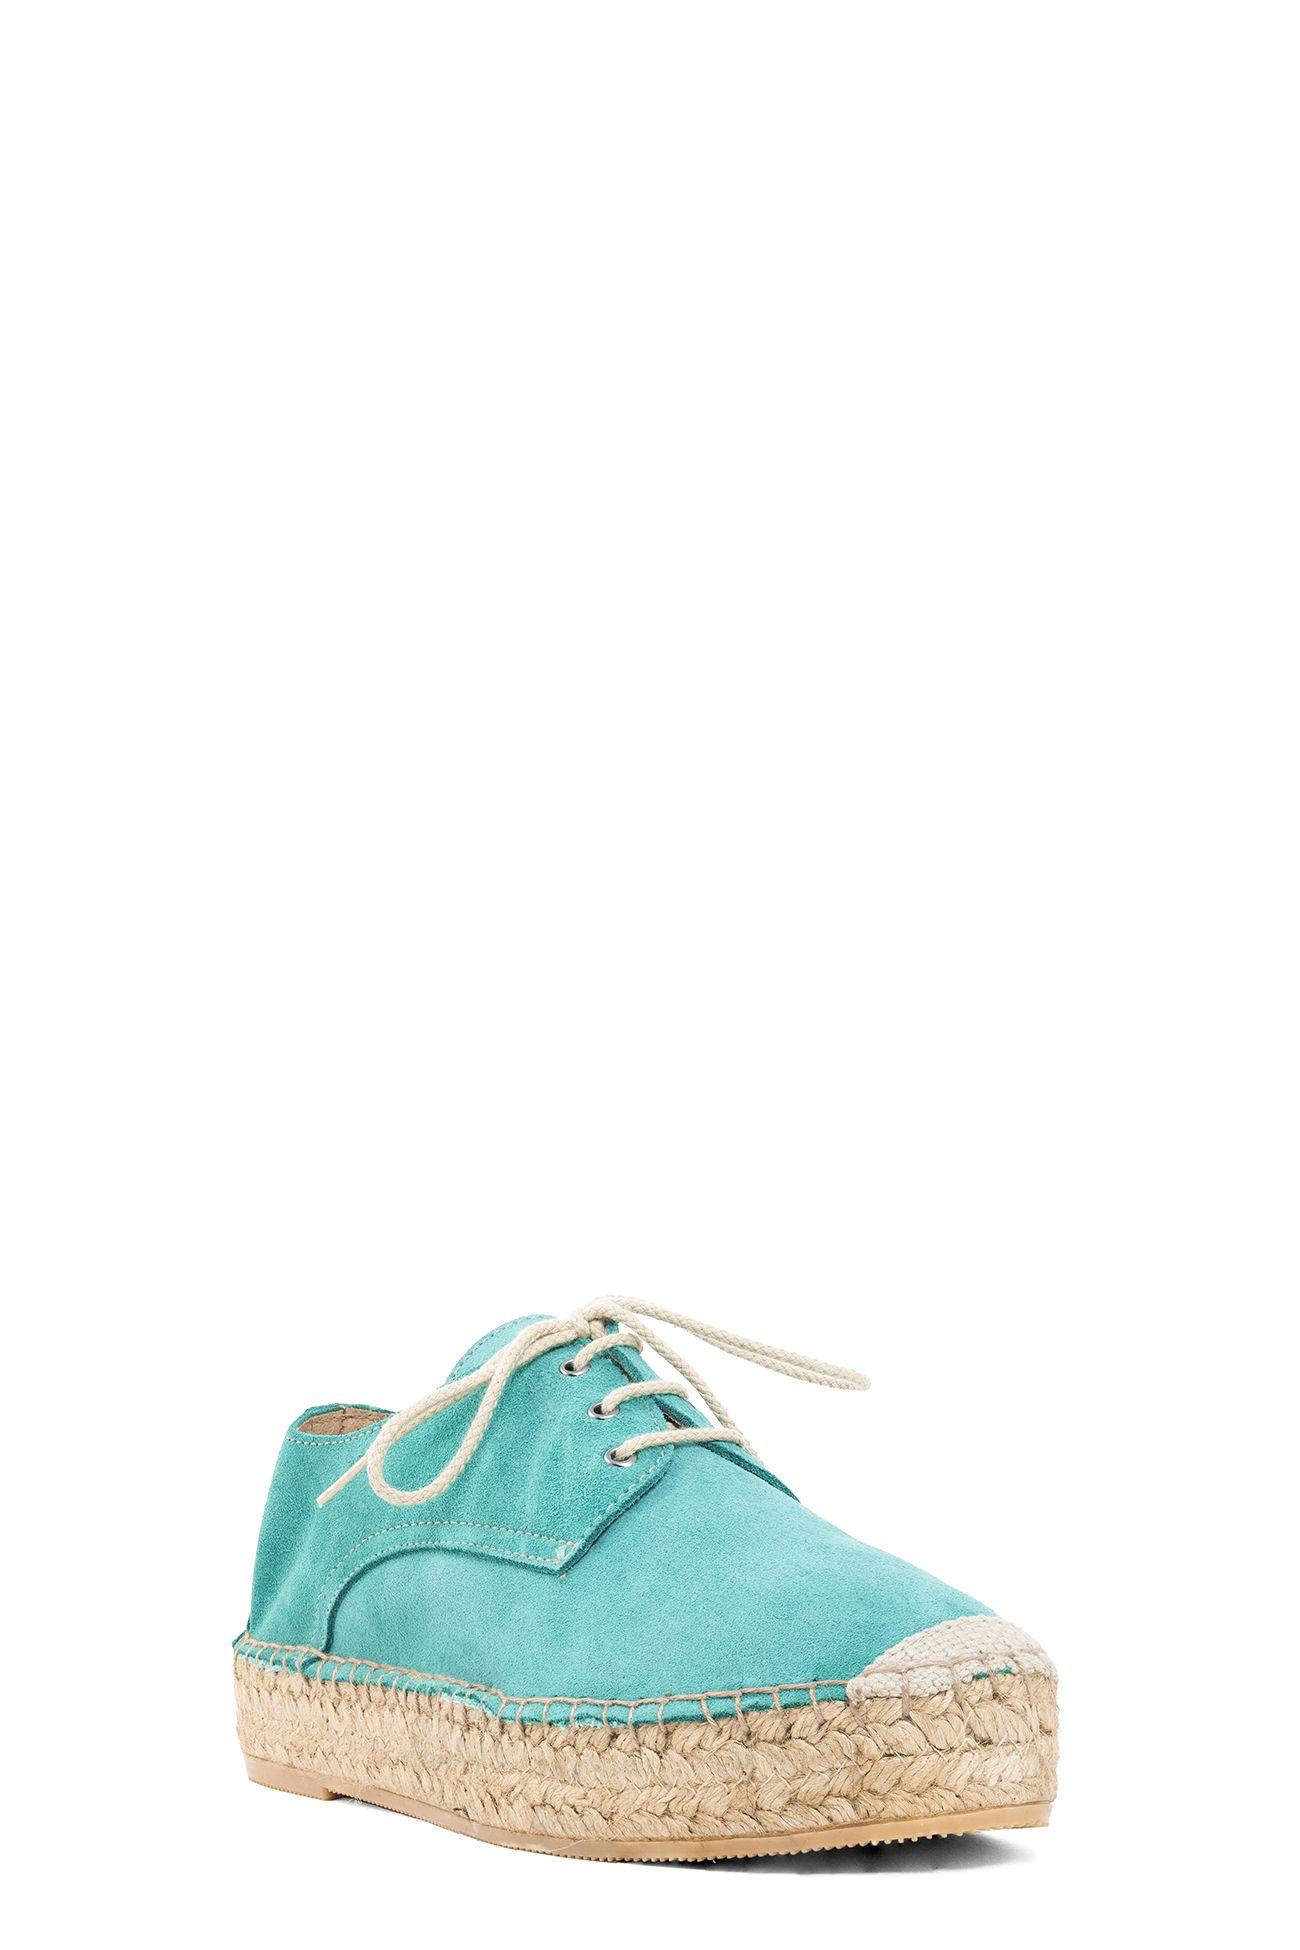 Zapatos Planos : TOSCANA